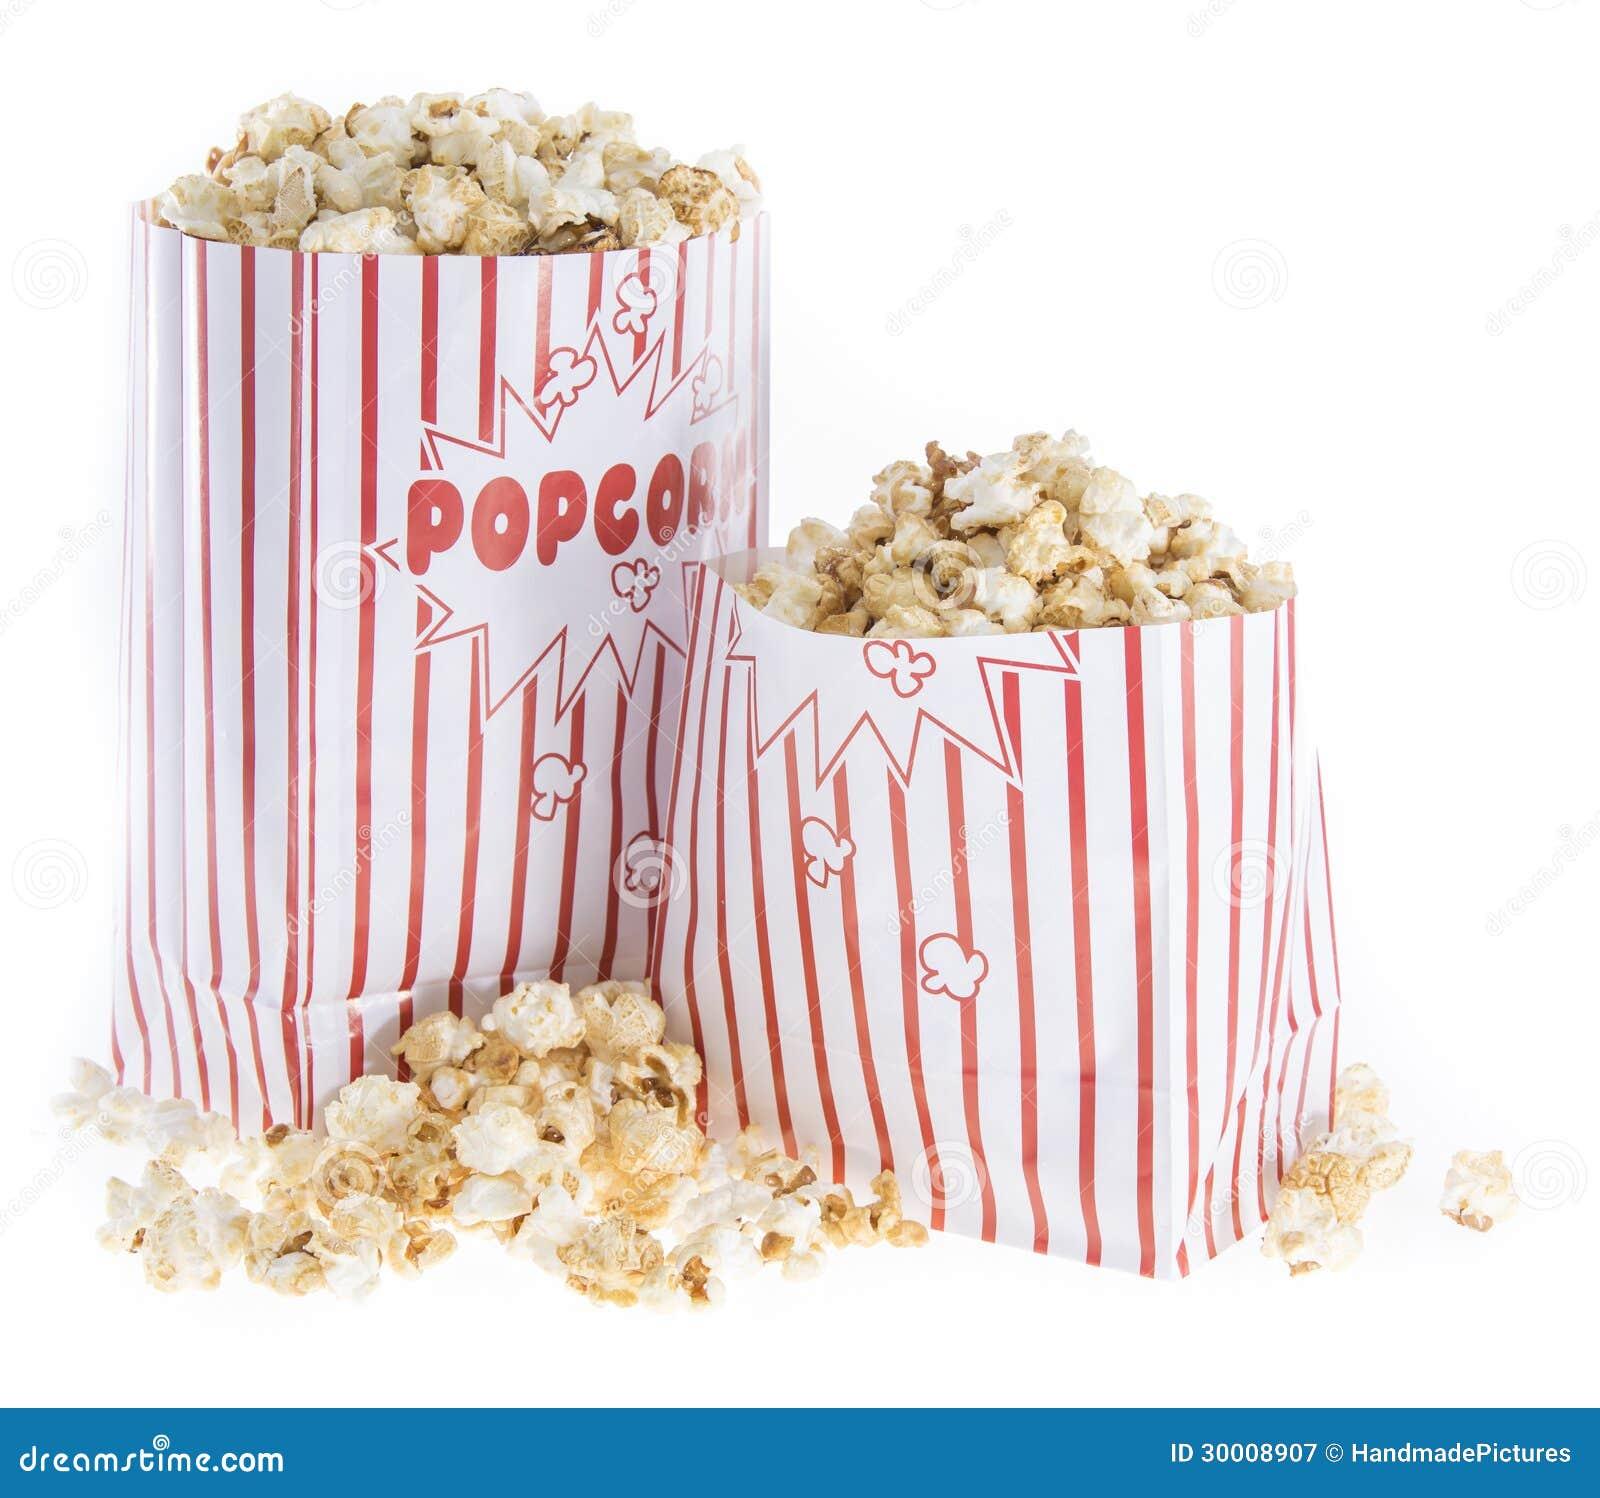 Popcorn: Popcorn In A Bag